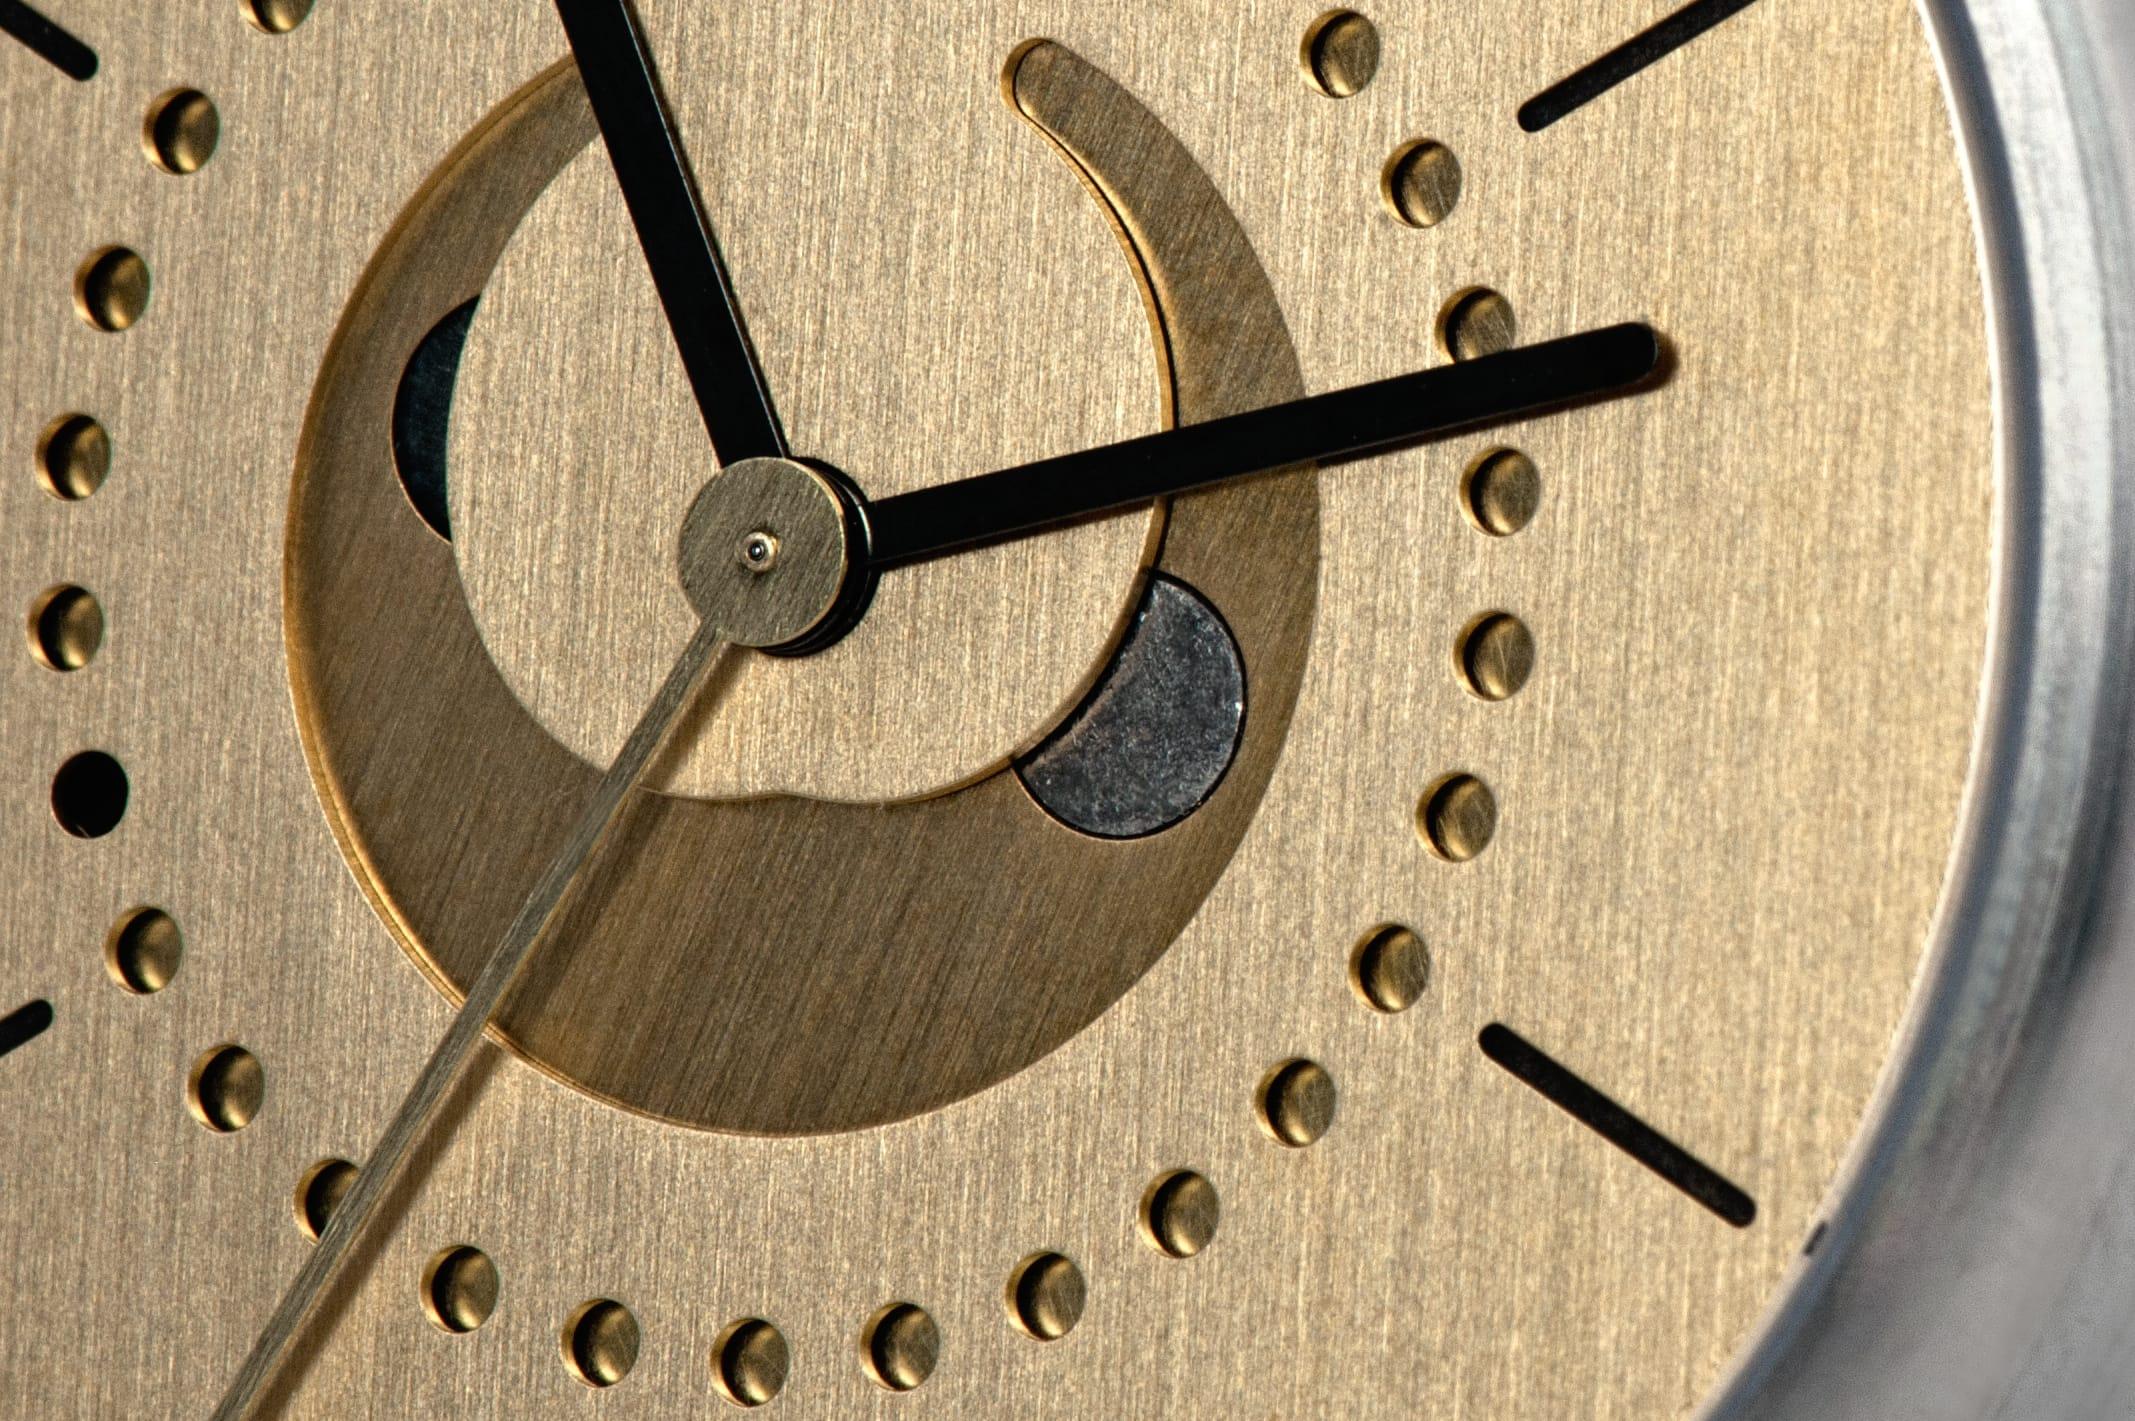 moon-phase-watch-brass-ochs-und-junior-zoom-on-moon